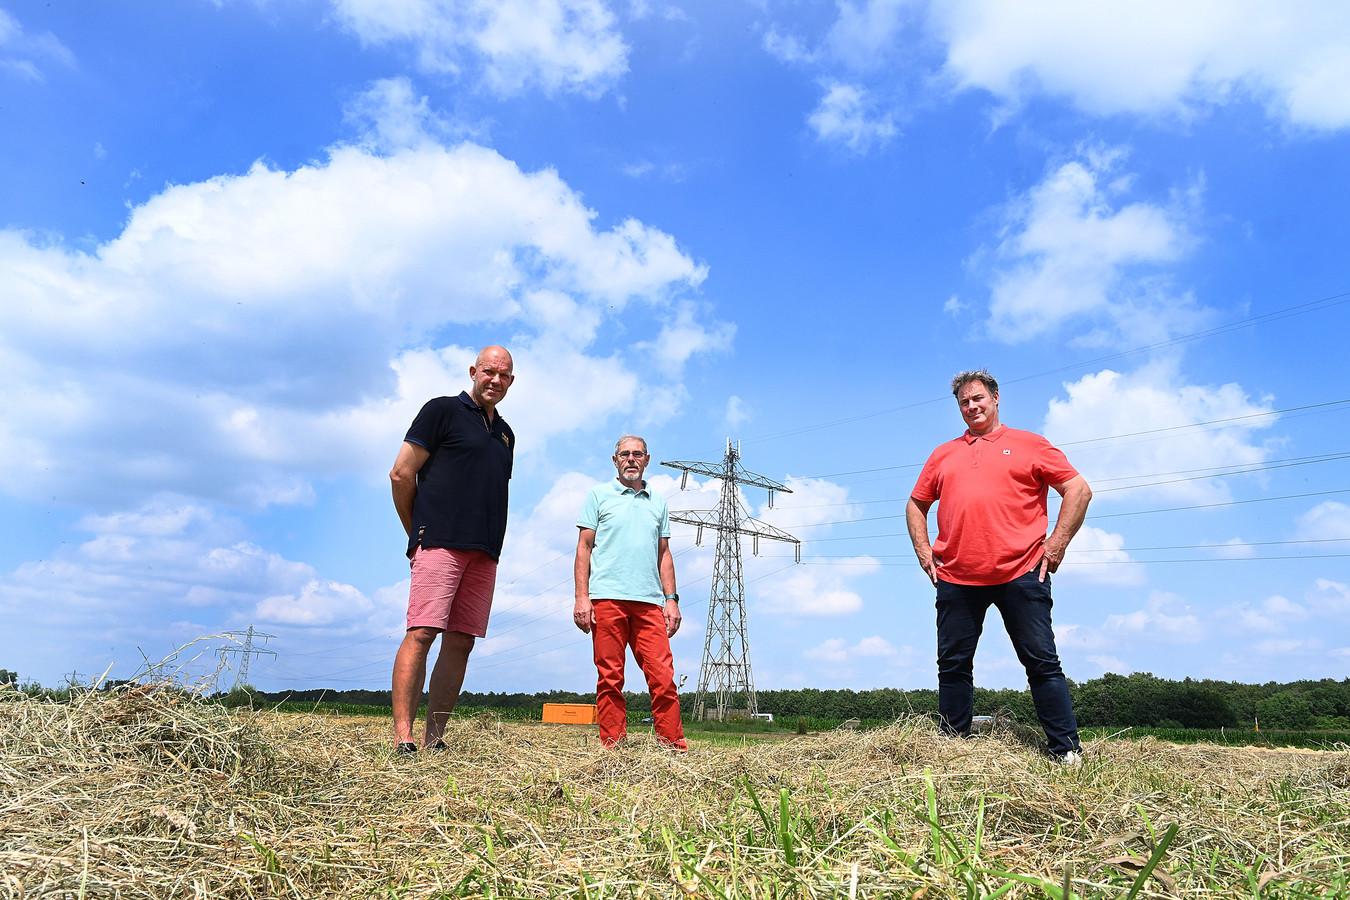 De initiatiefnemers van het windmolenplan: Jan van den Bosch, Ad Post en Frans van Kempen (v.l.n.r.)